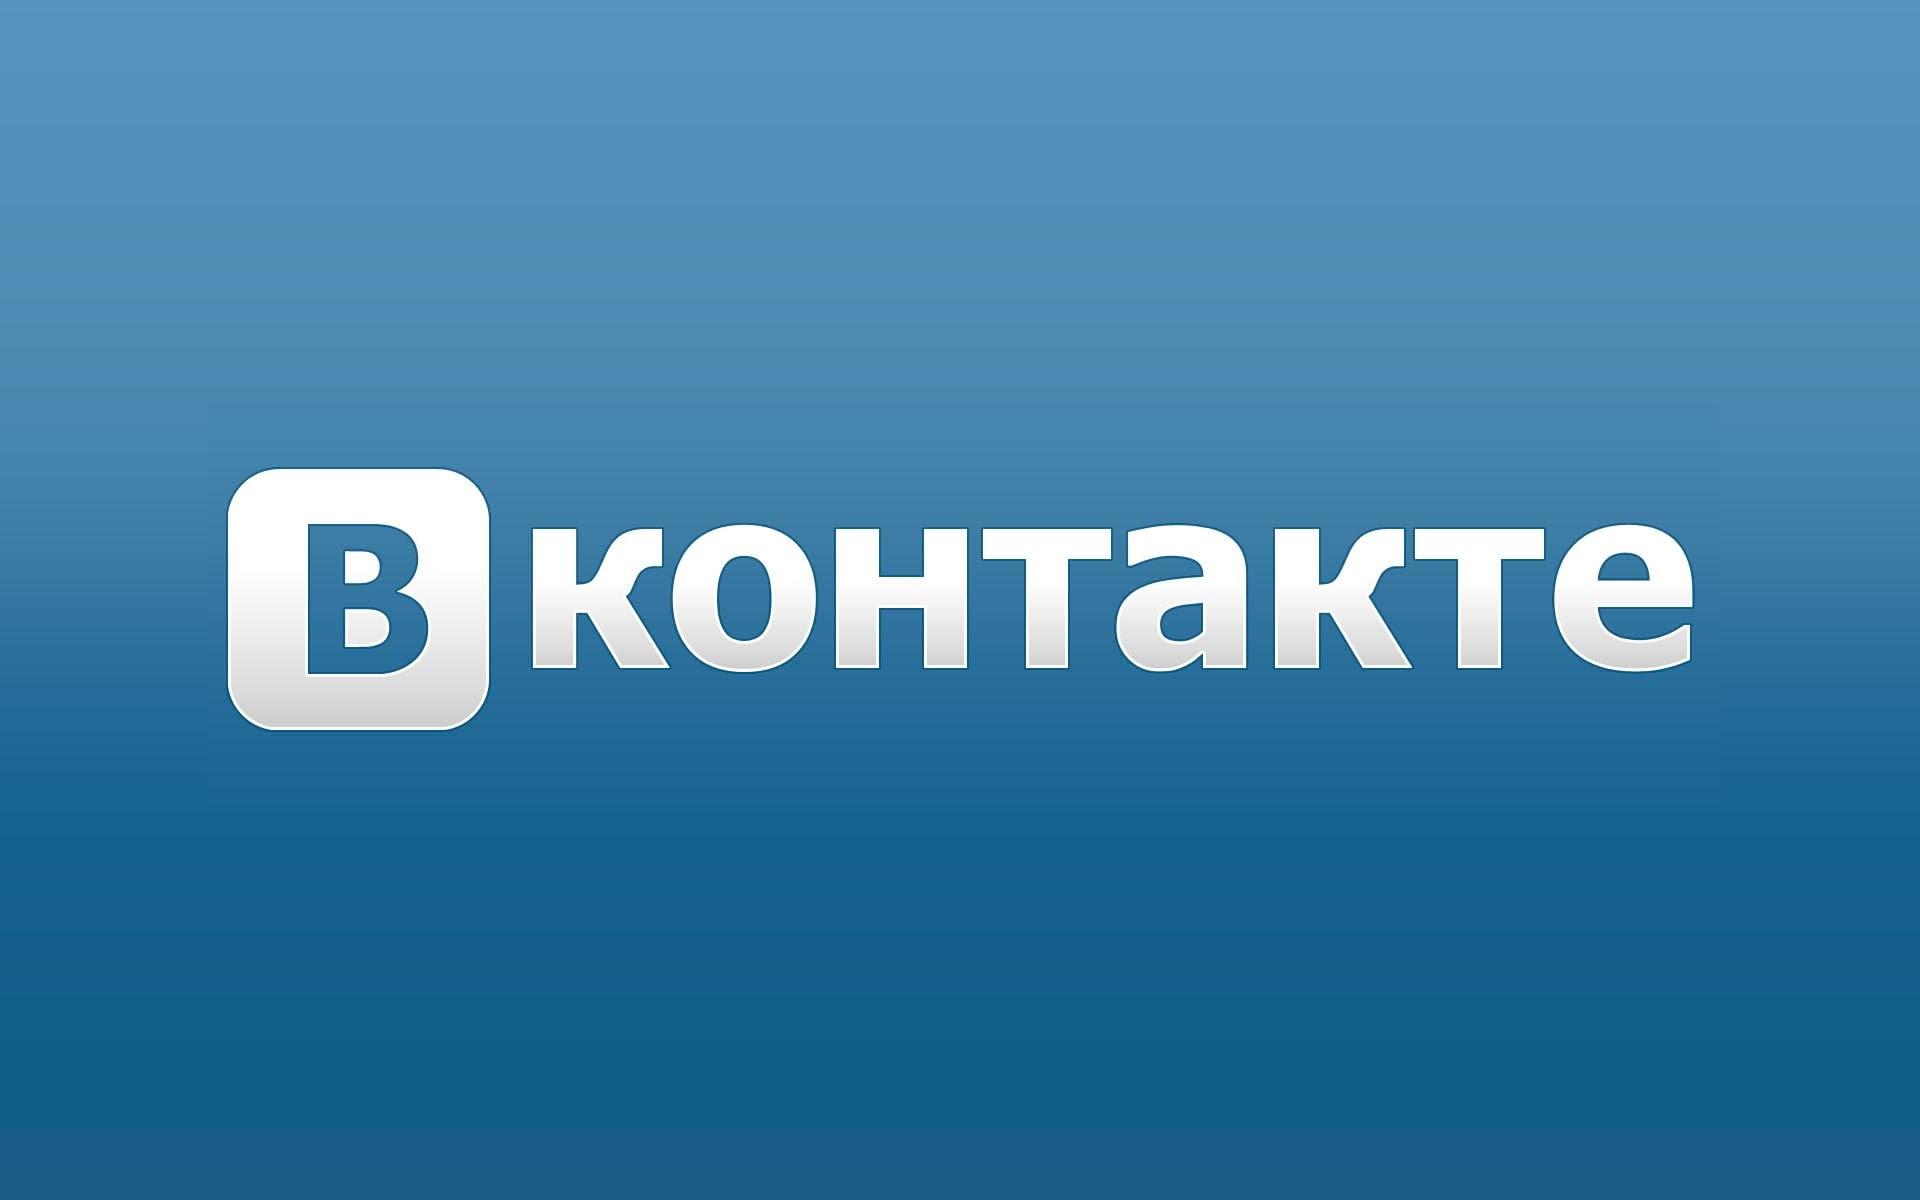 «ВКонтакте» сейчас можно подписаться нарегулярные платежи виграх